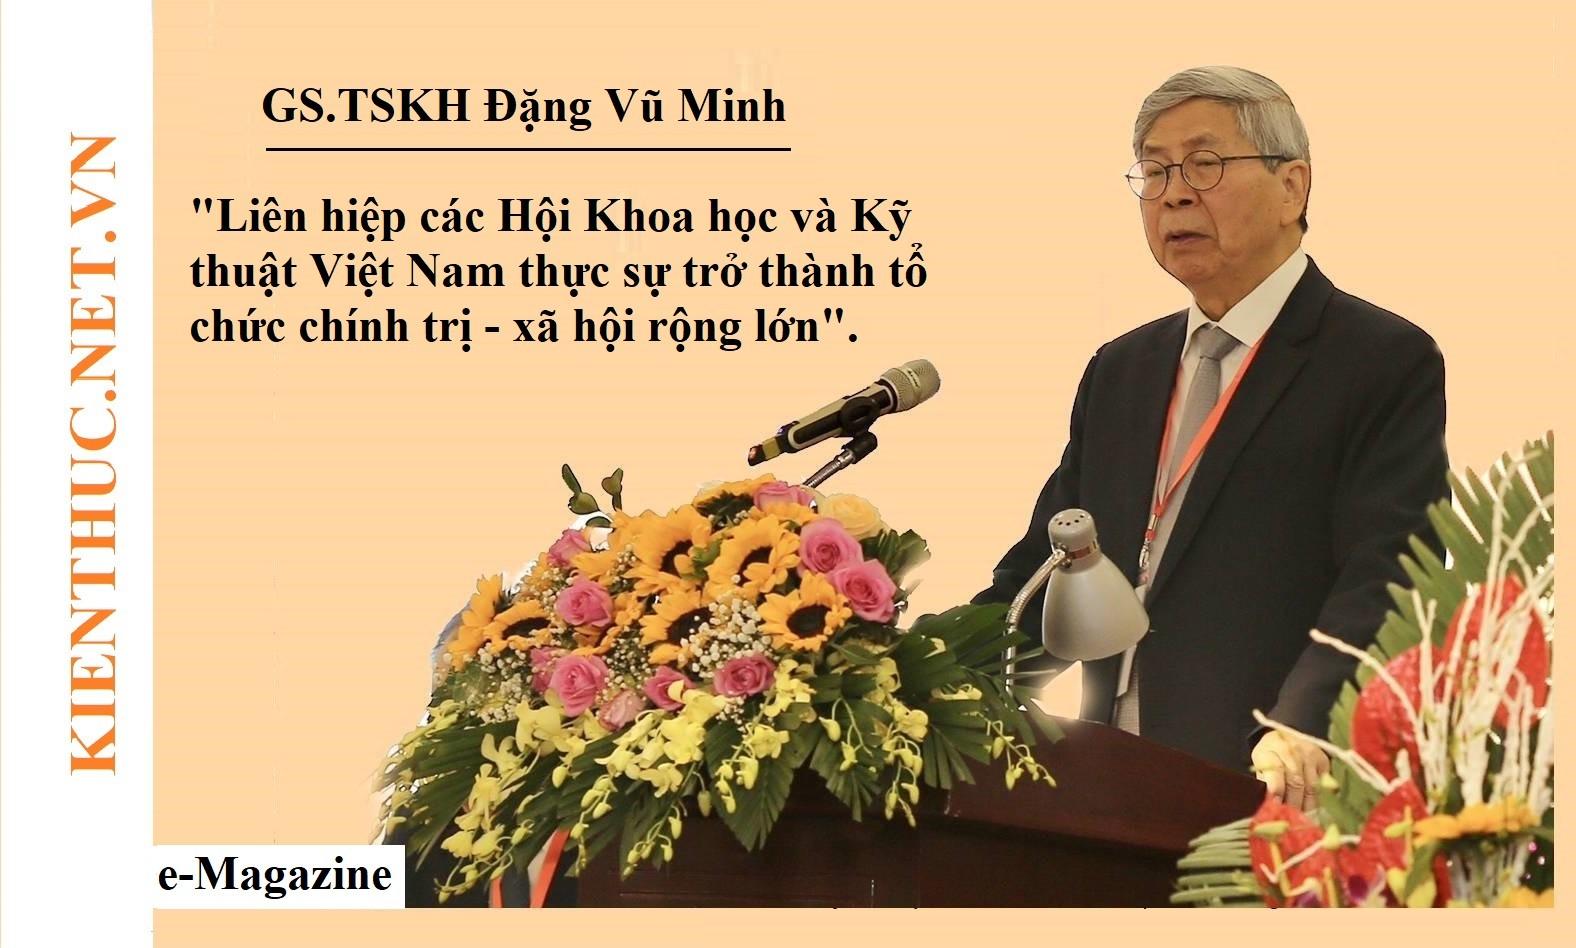 """[e-MAGAZINE] Chủ tịch Đặng Vũ Minh: """"Liên hiệp các Hội KH&KT Việt Nam thực sự trở thành tổ chức chính trị - xã hội rộng lớn"""""""